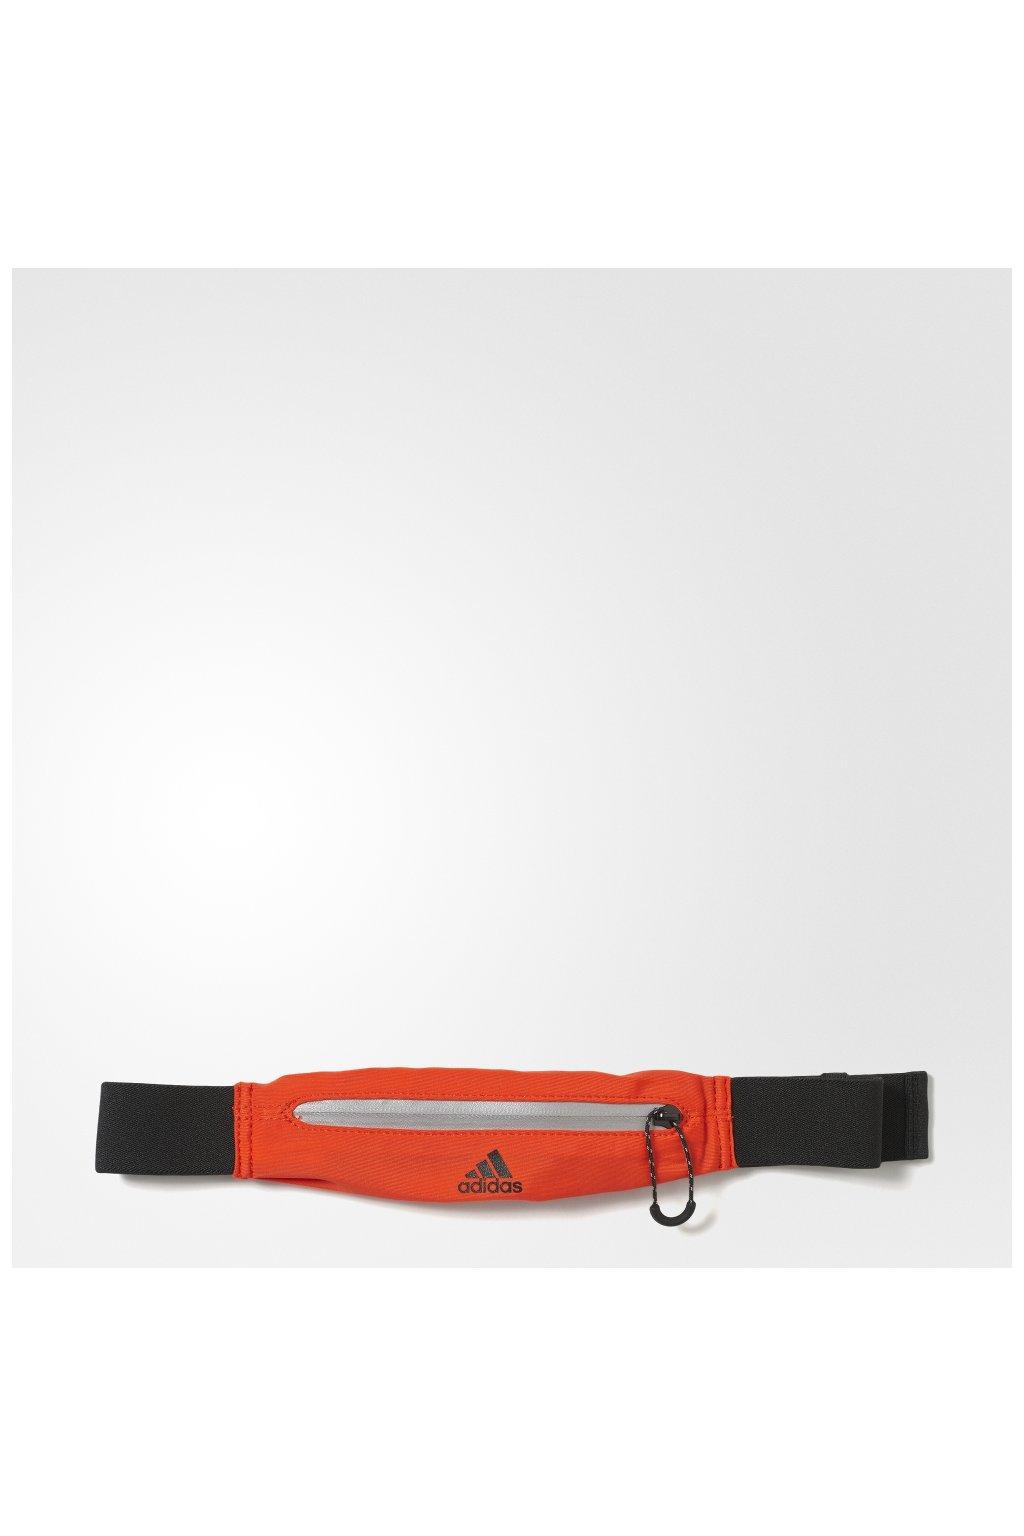 s96358 bezecky opasok adidas running belt